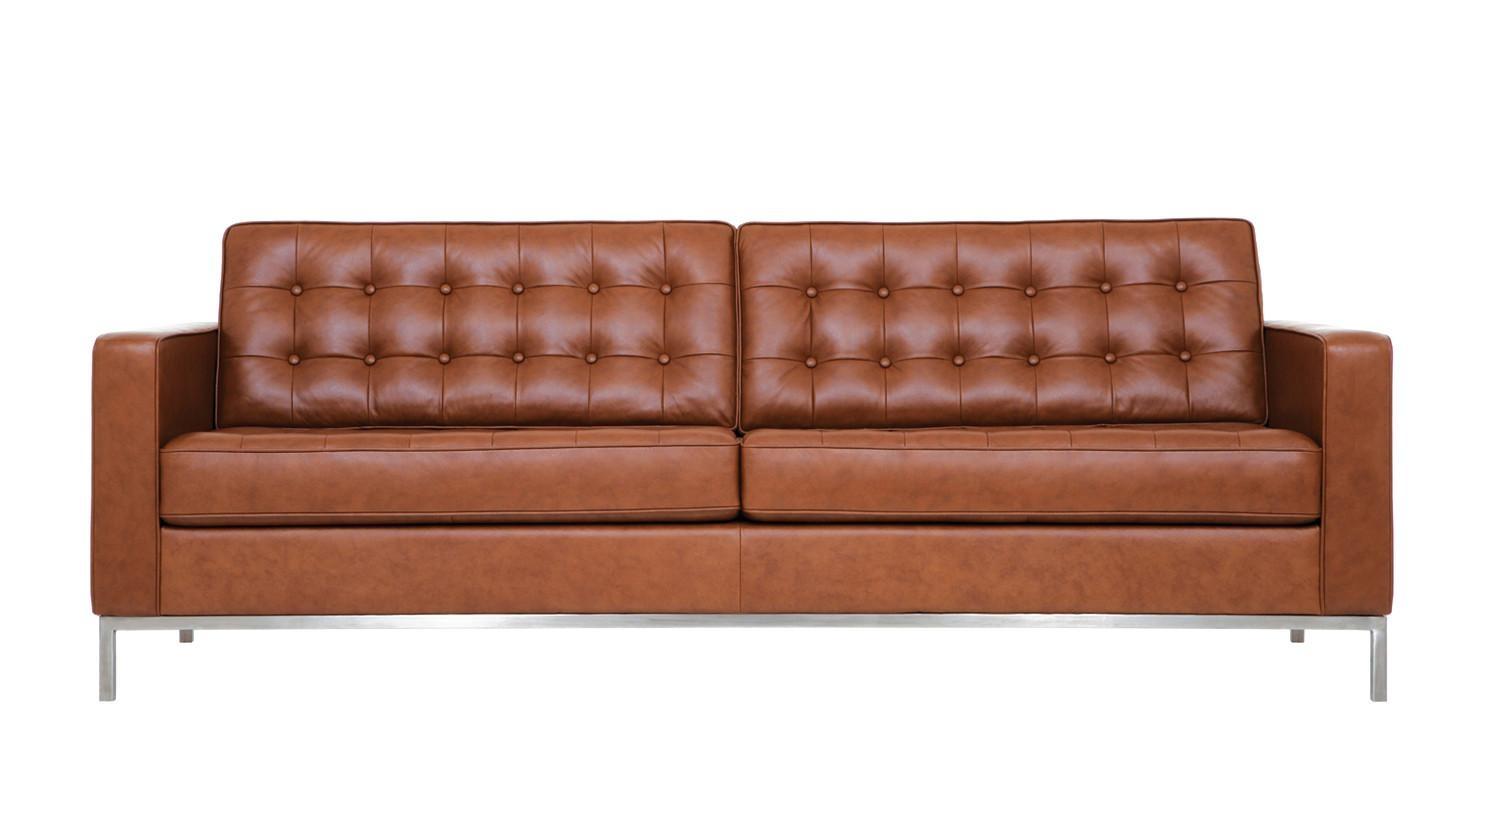 Sofas Center : Sleeper Sofa Austin Furnituresleeper Texassleeper In Austin Sleeper Sofas (Image 15 of 20)